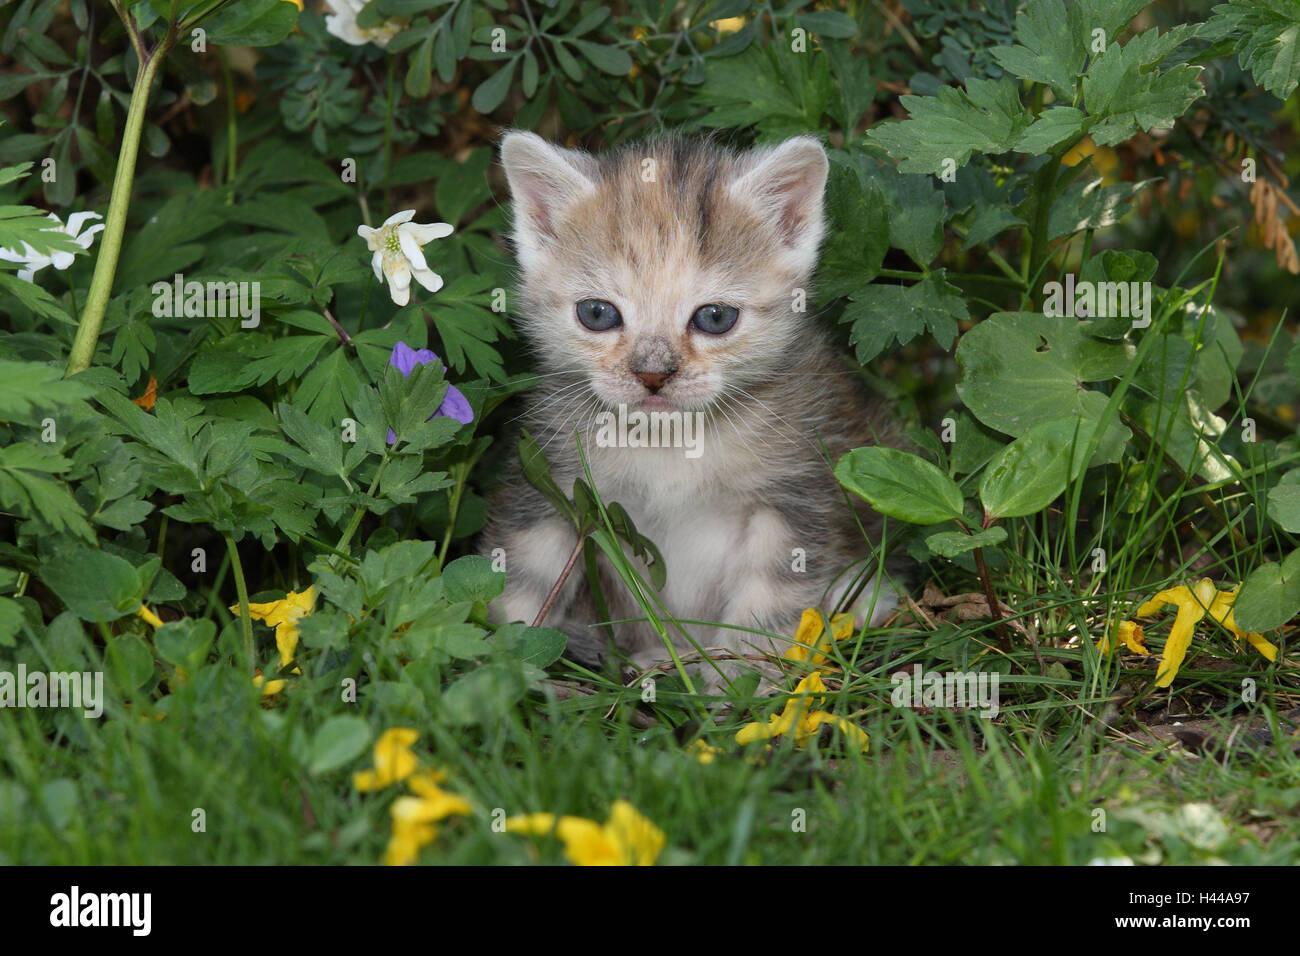 Gatto, giovani, sedersi, prato, giardino, animali mammiferi, animali domestici, gatti piccoli, Felidae, addomestica, Immagini Stock